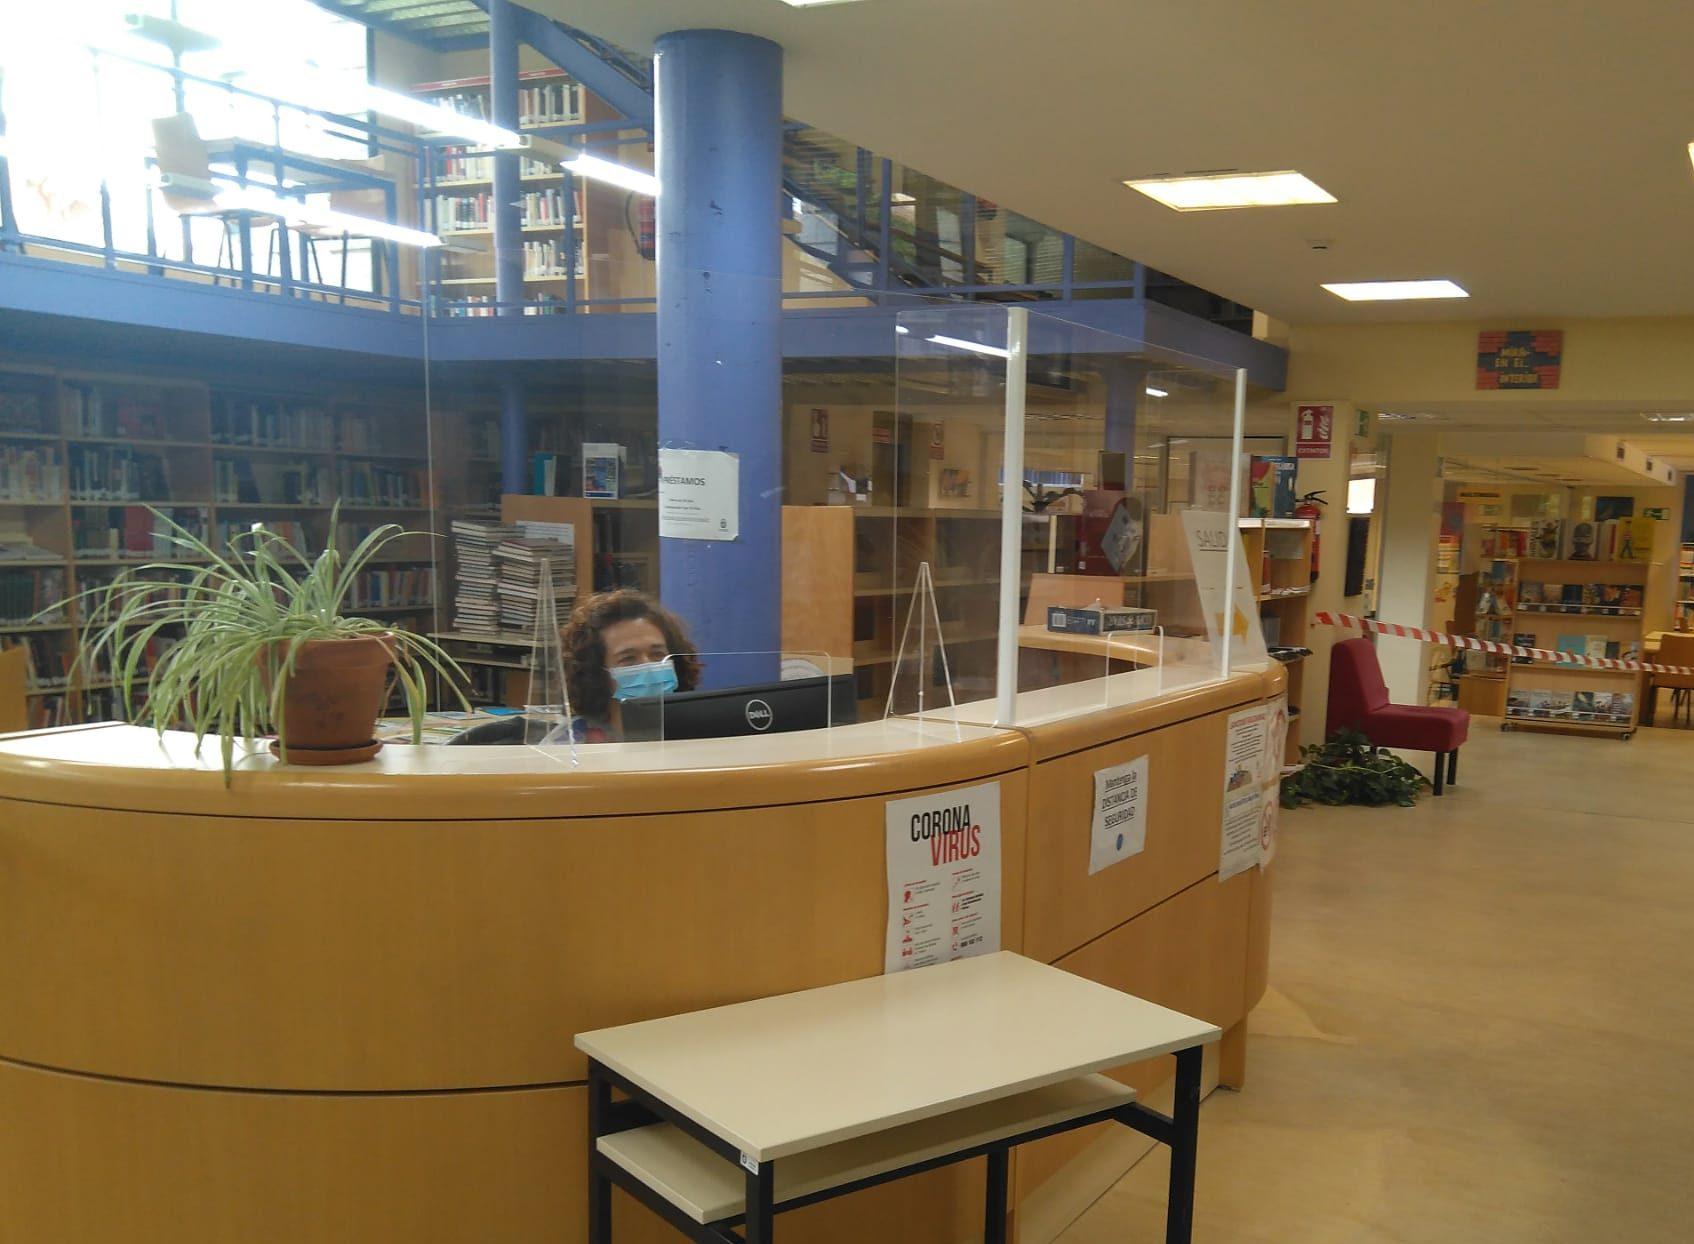 Imagen de la noticia Nuevo horario y uso de la Biblioteca Municipal